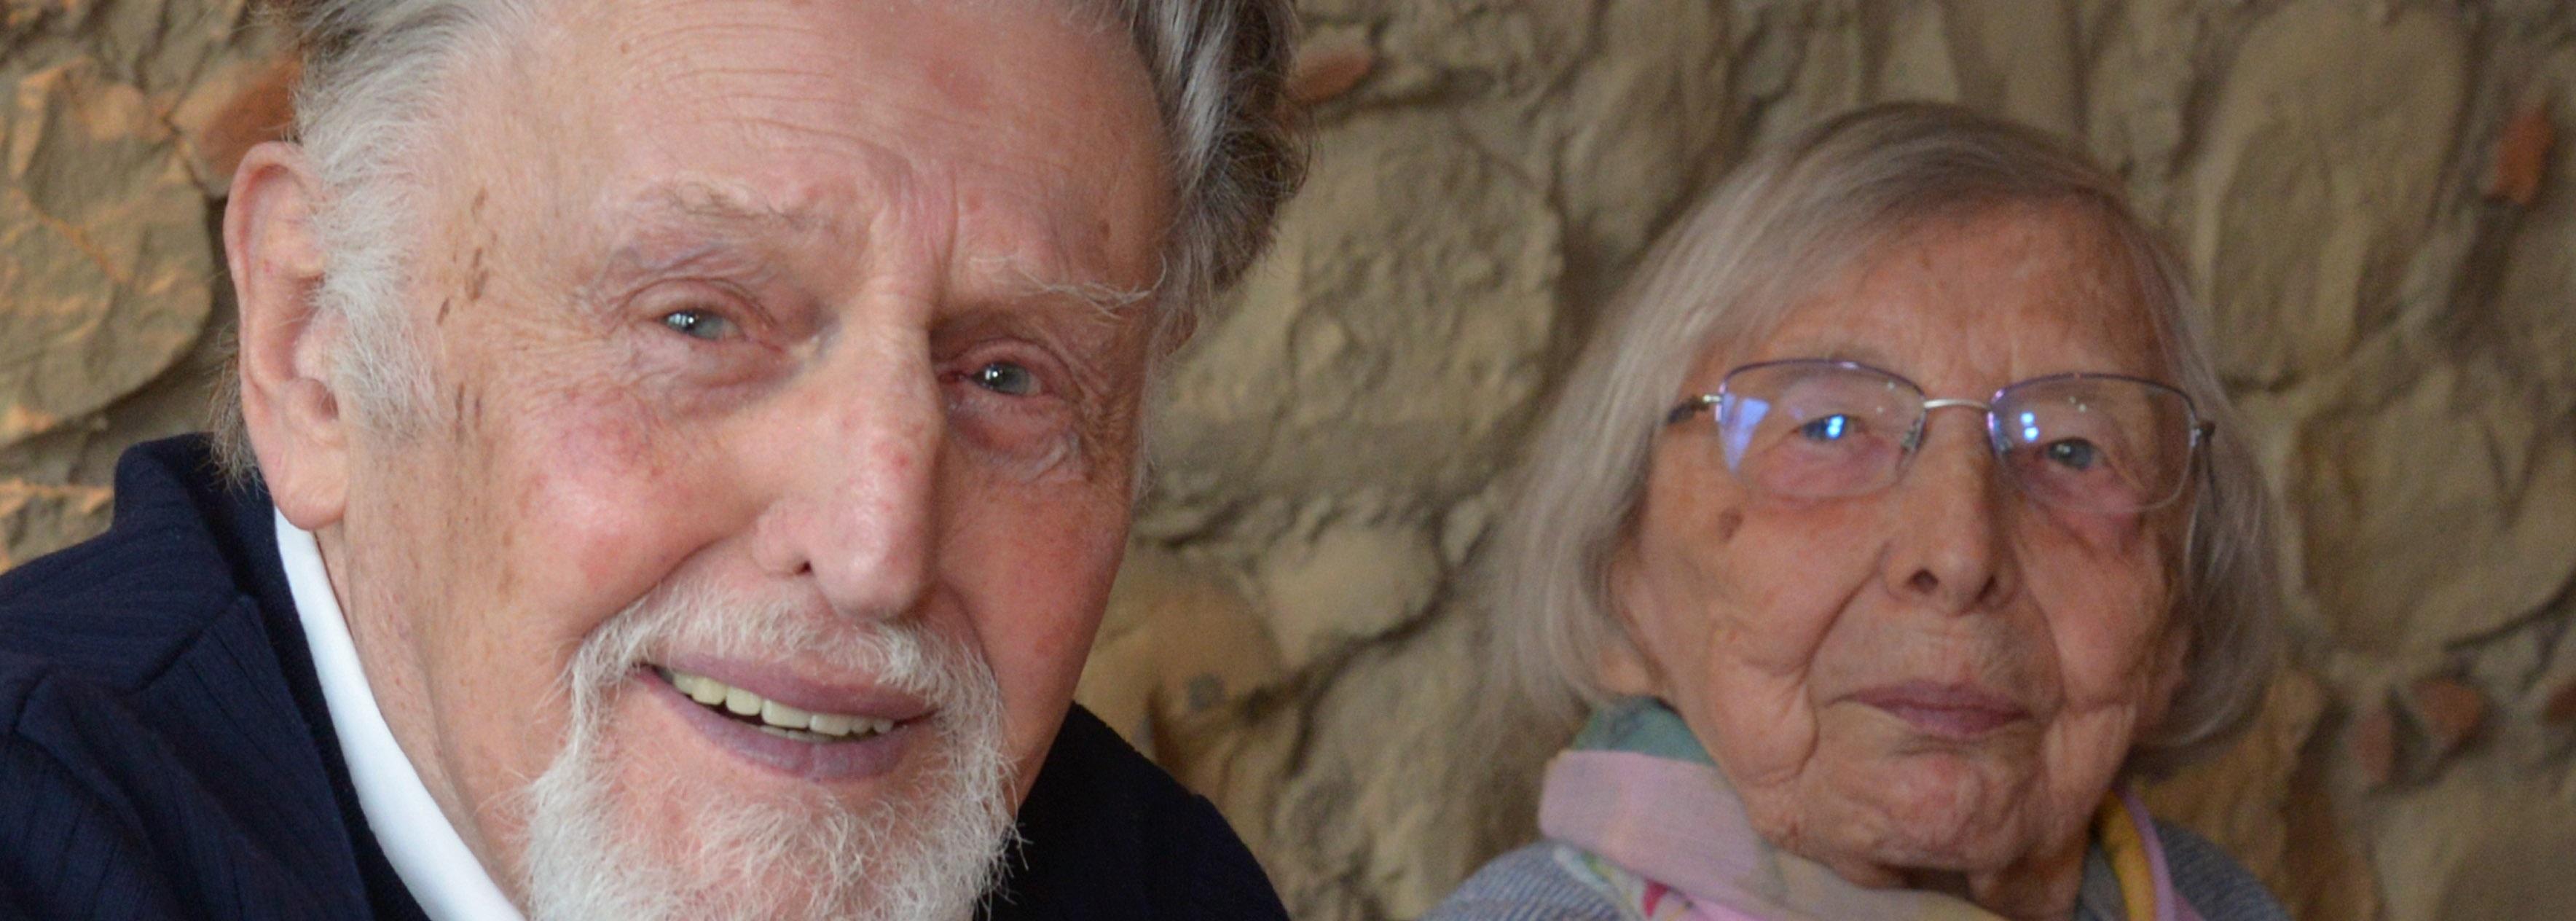 Ein Rentnerpaar